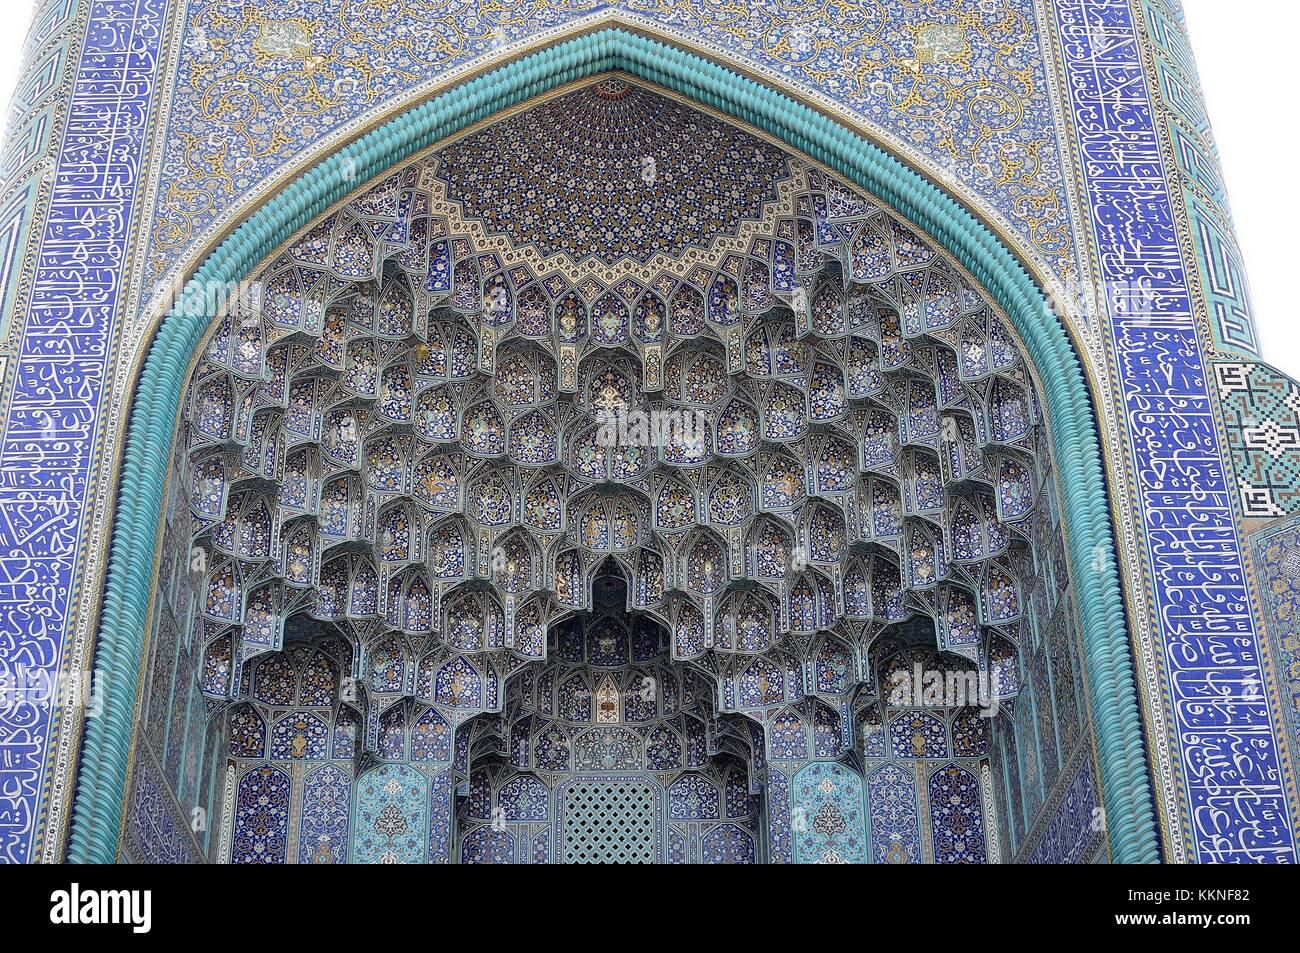 ROYAL MOSQUE AT ISFAHAN, IRAN - Stock Image